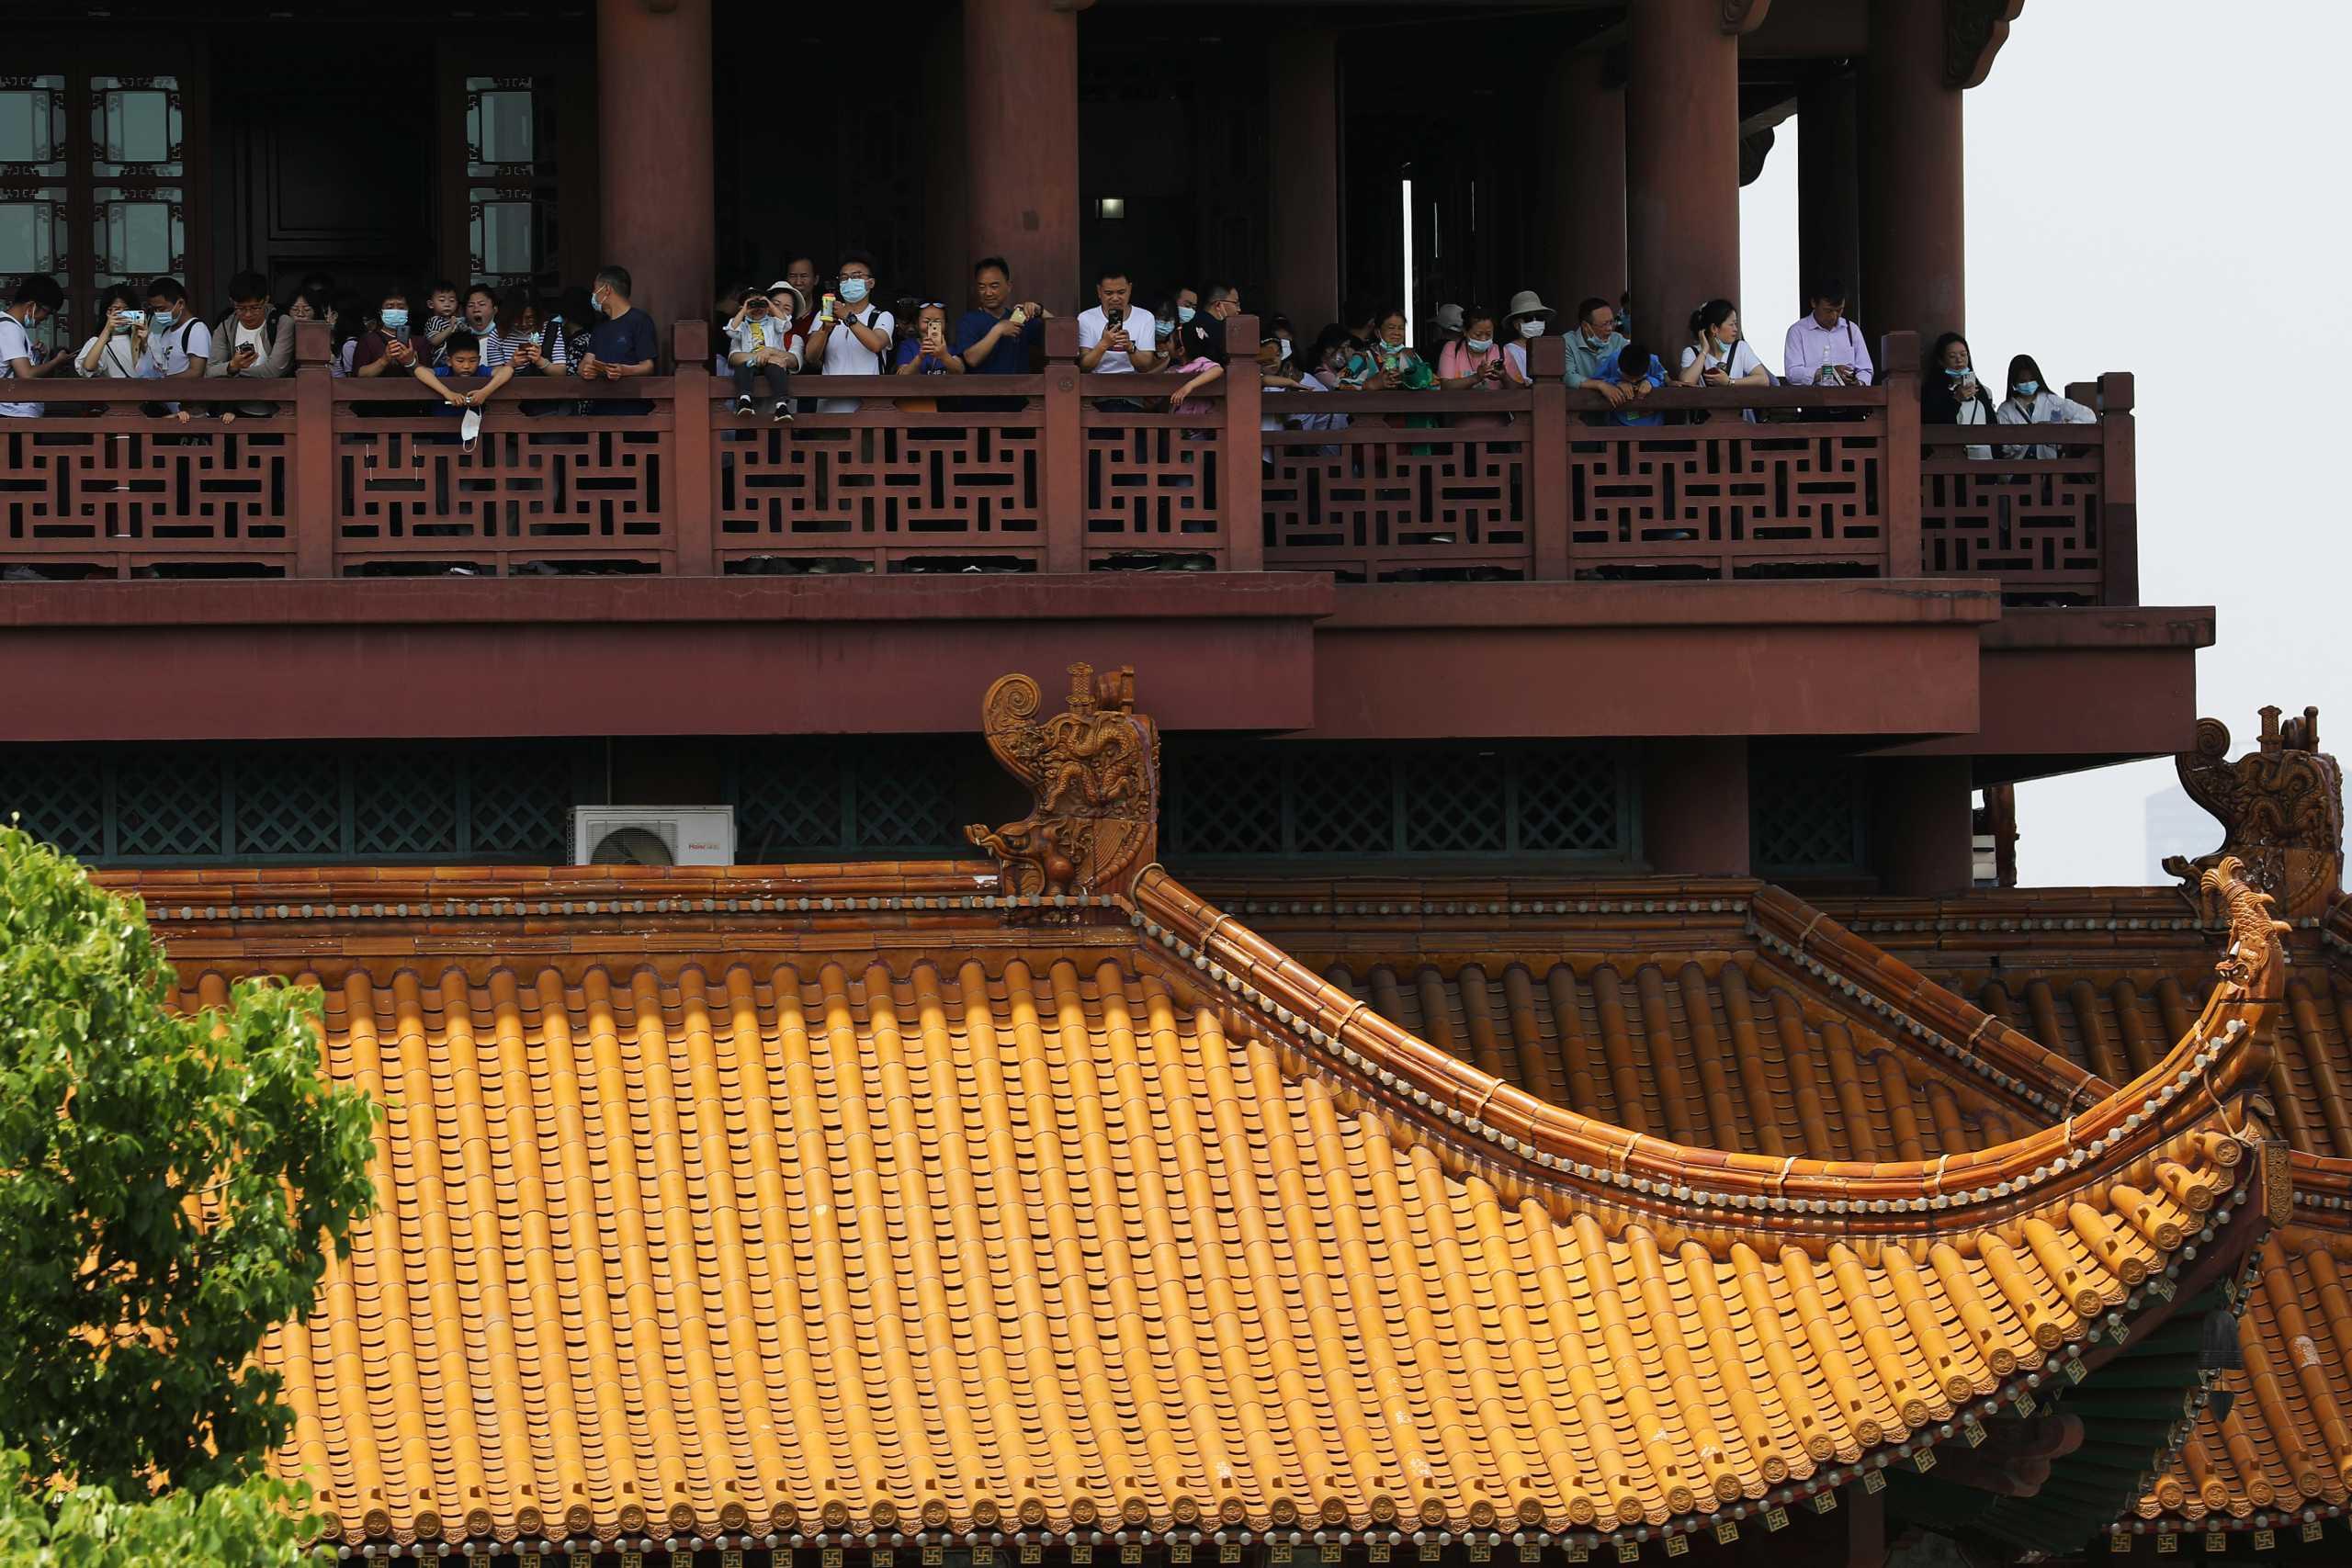 Μετά τον κορονοϊό… ανεμοστρόβιλος χτύπησε την πόλη Γουχάν στην Κίνα